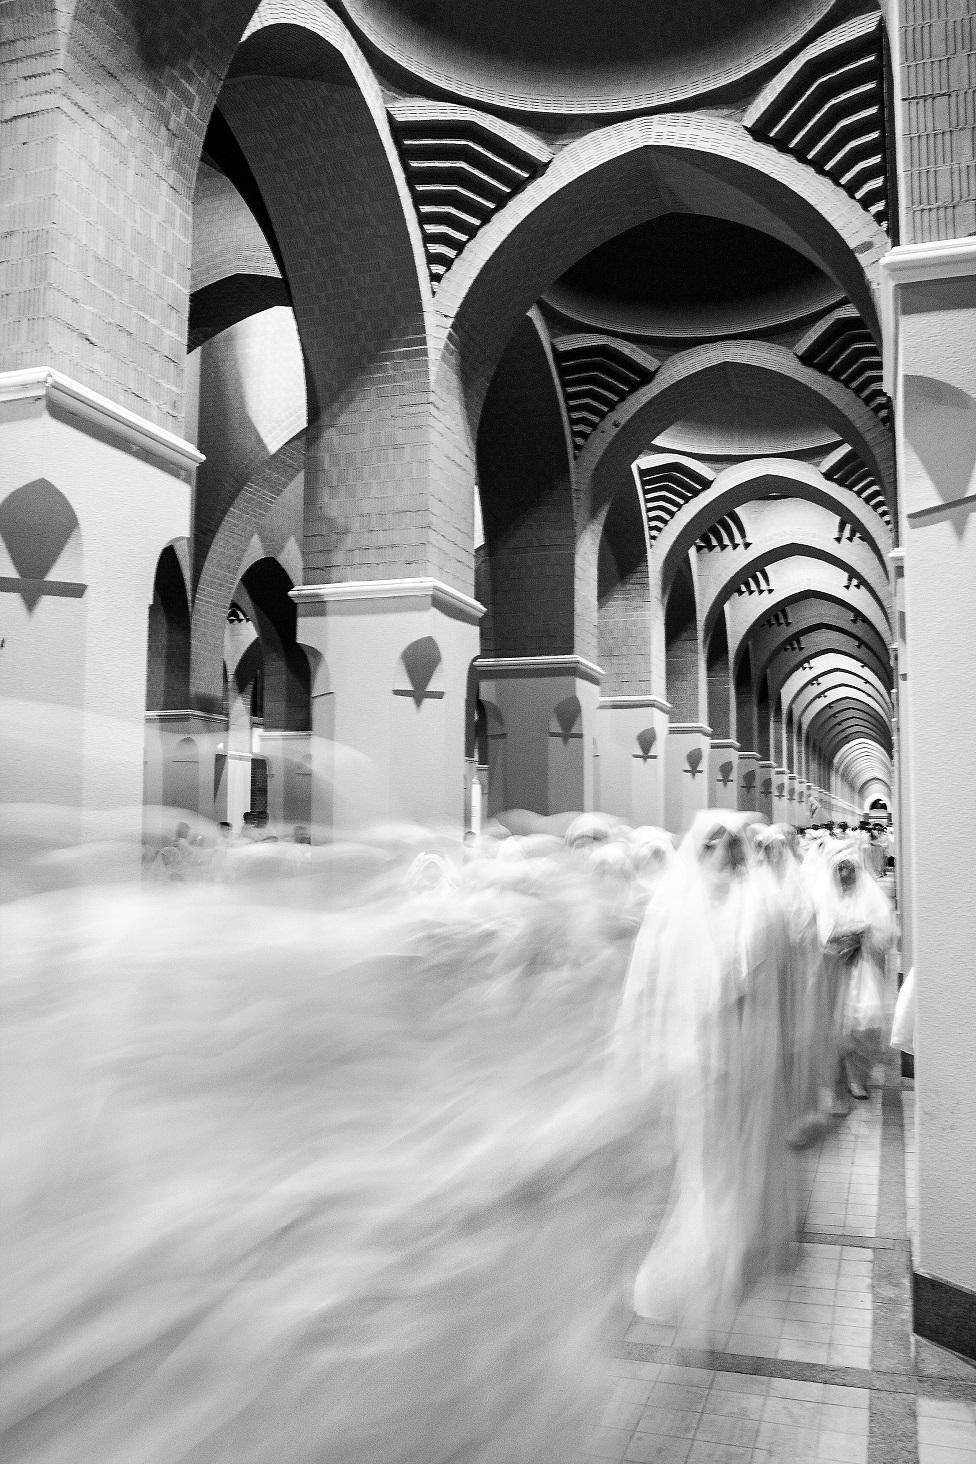 A long exposure photo of women walking down a corridor